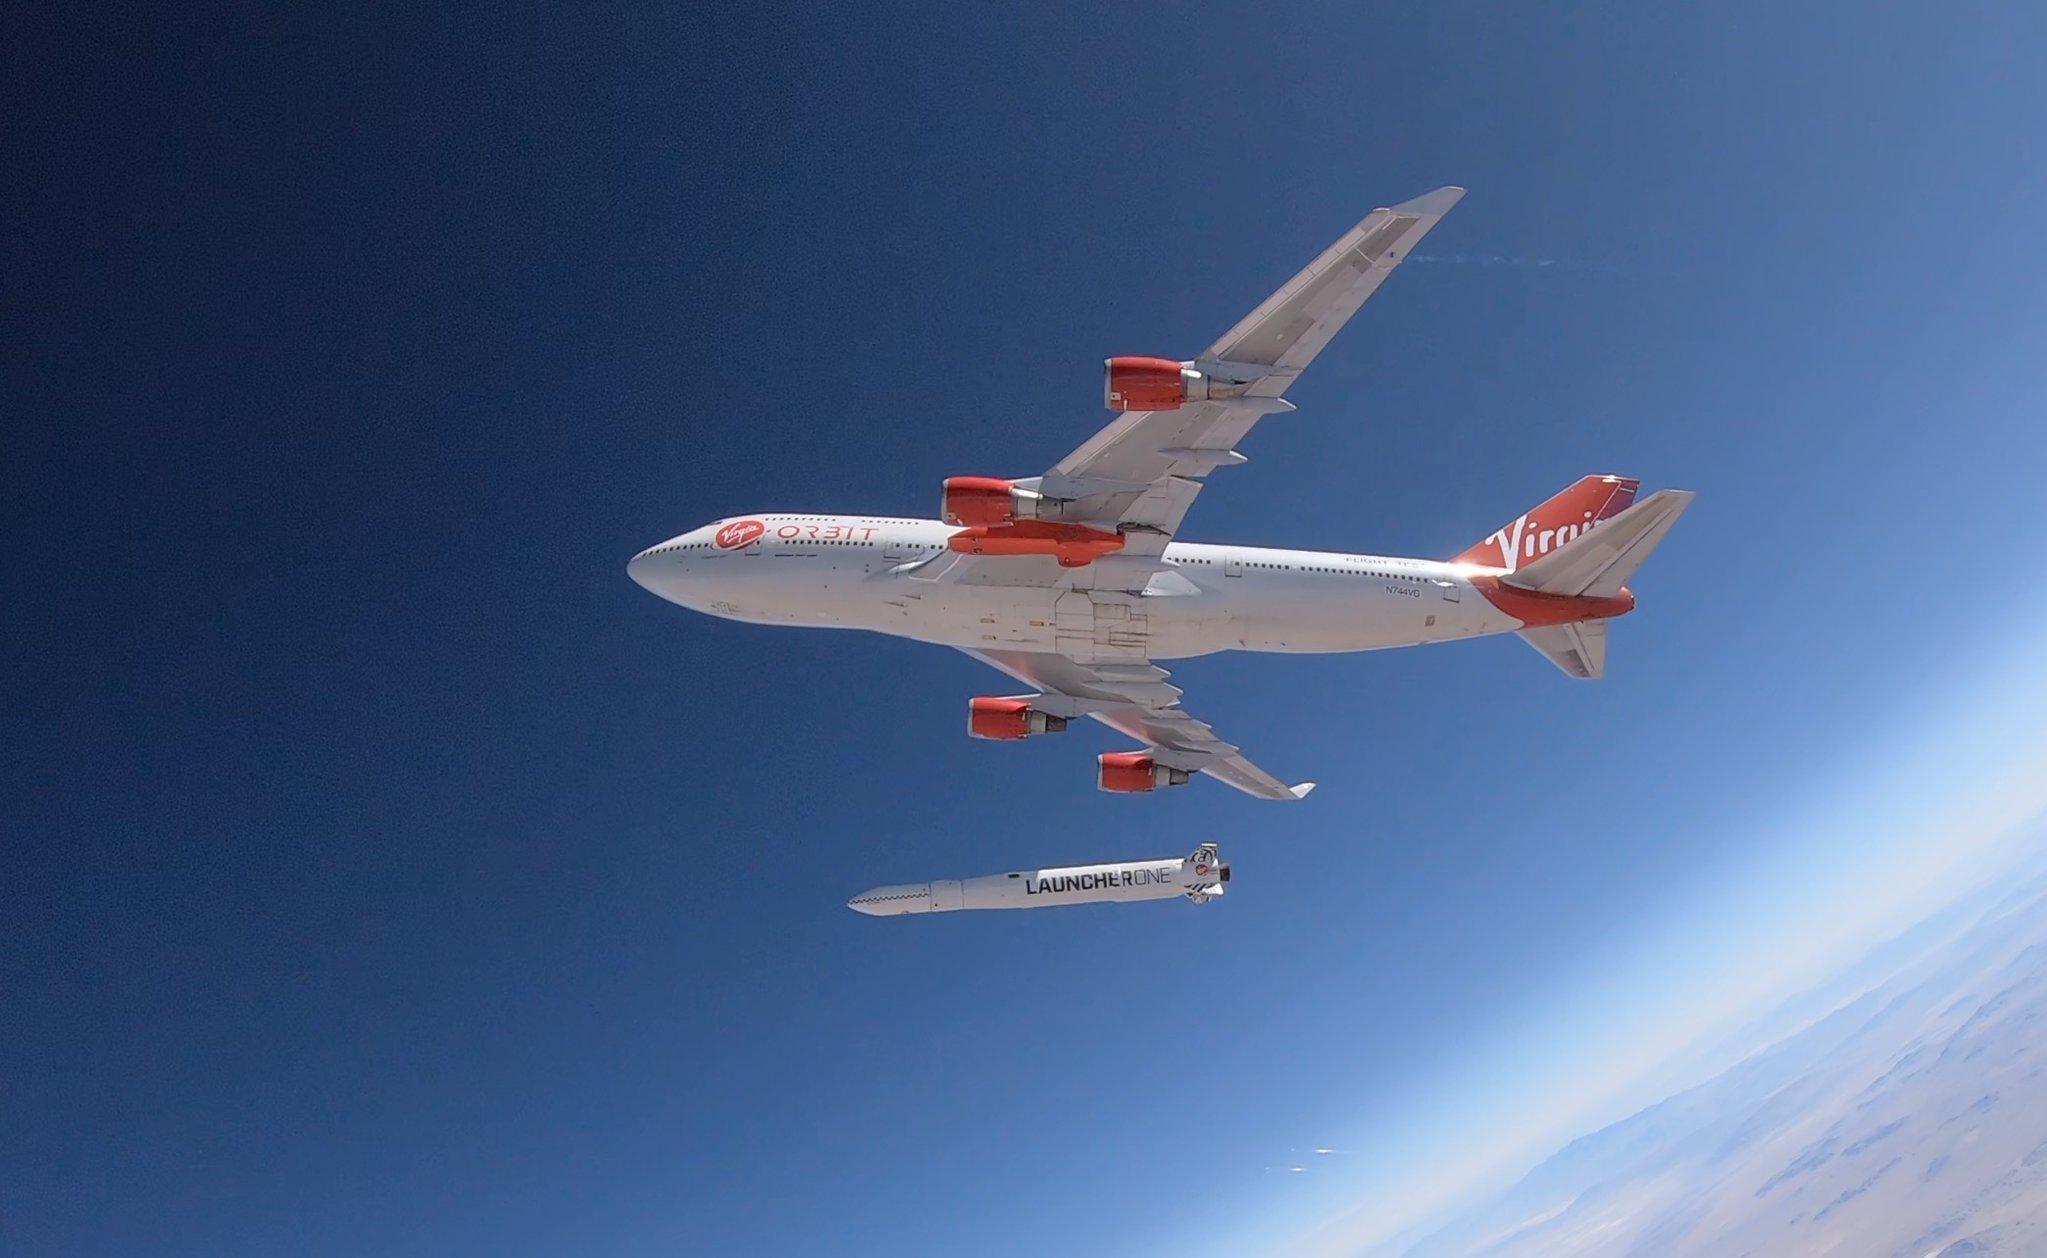 Virgin Orbit Ричарда Брэнсона успешно выполнила тестовый сброс ракеты-носителя с самолета - 1